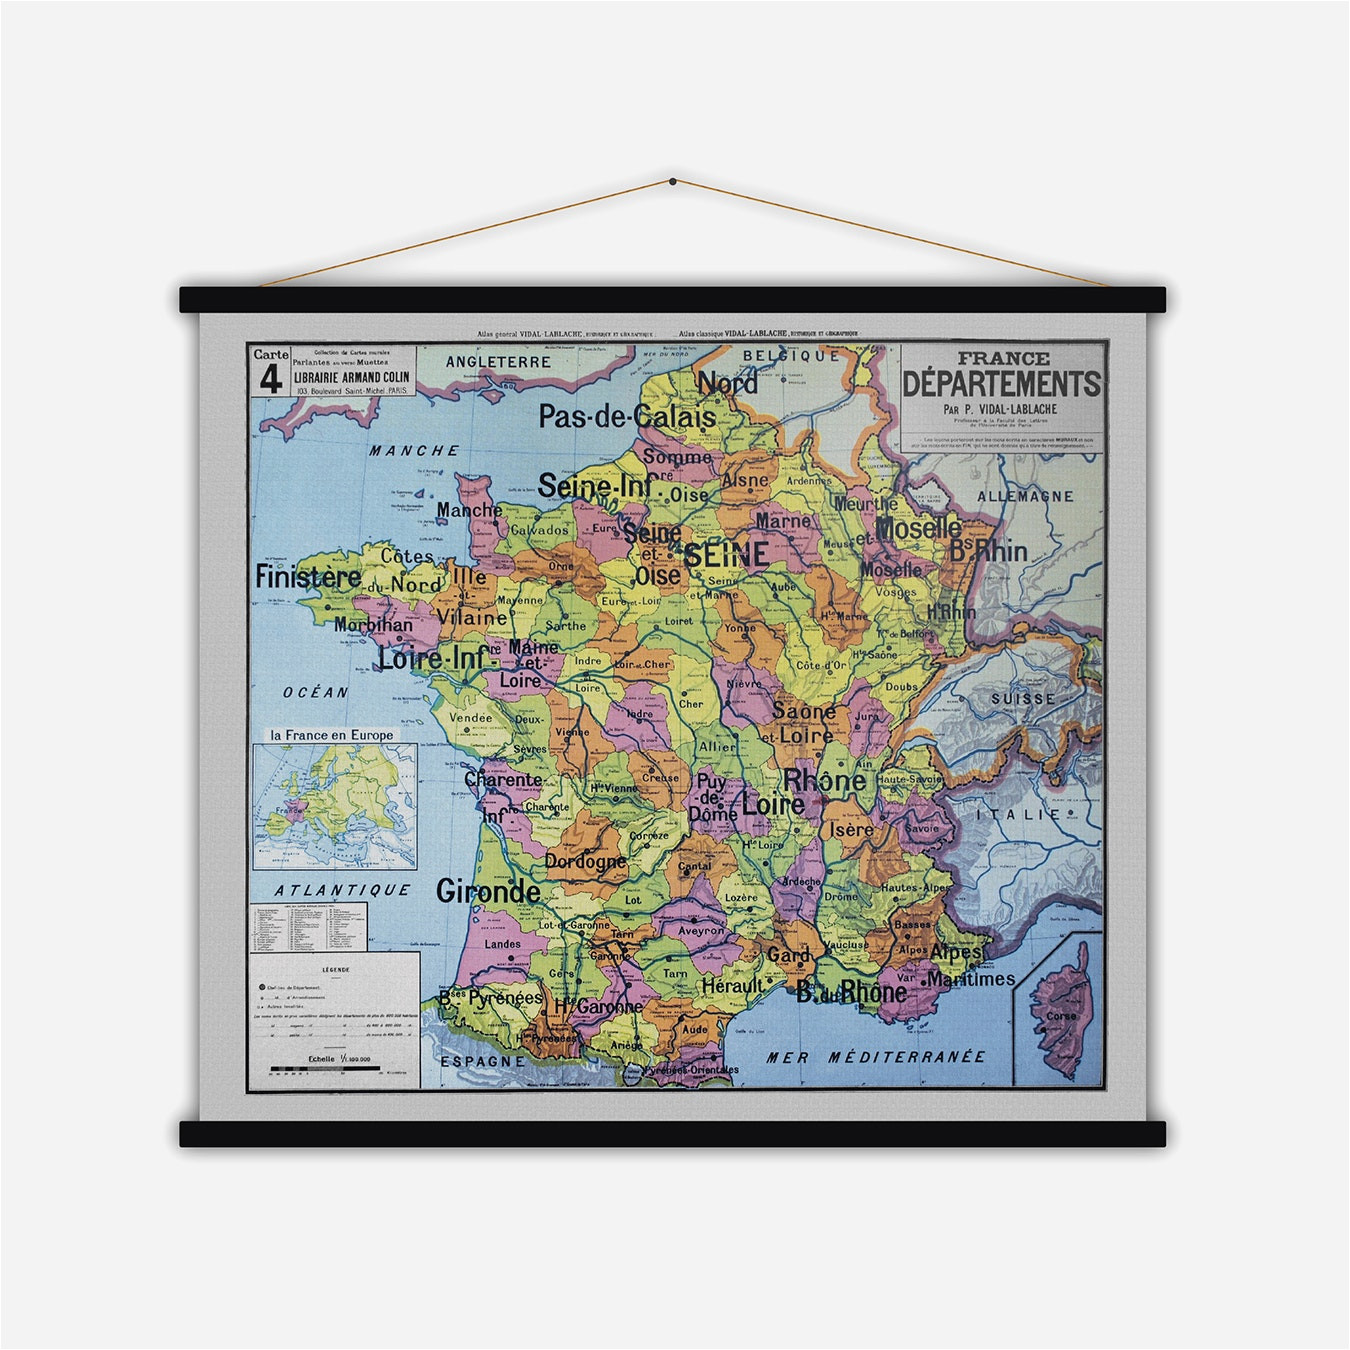 france departements vintage map